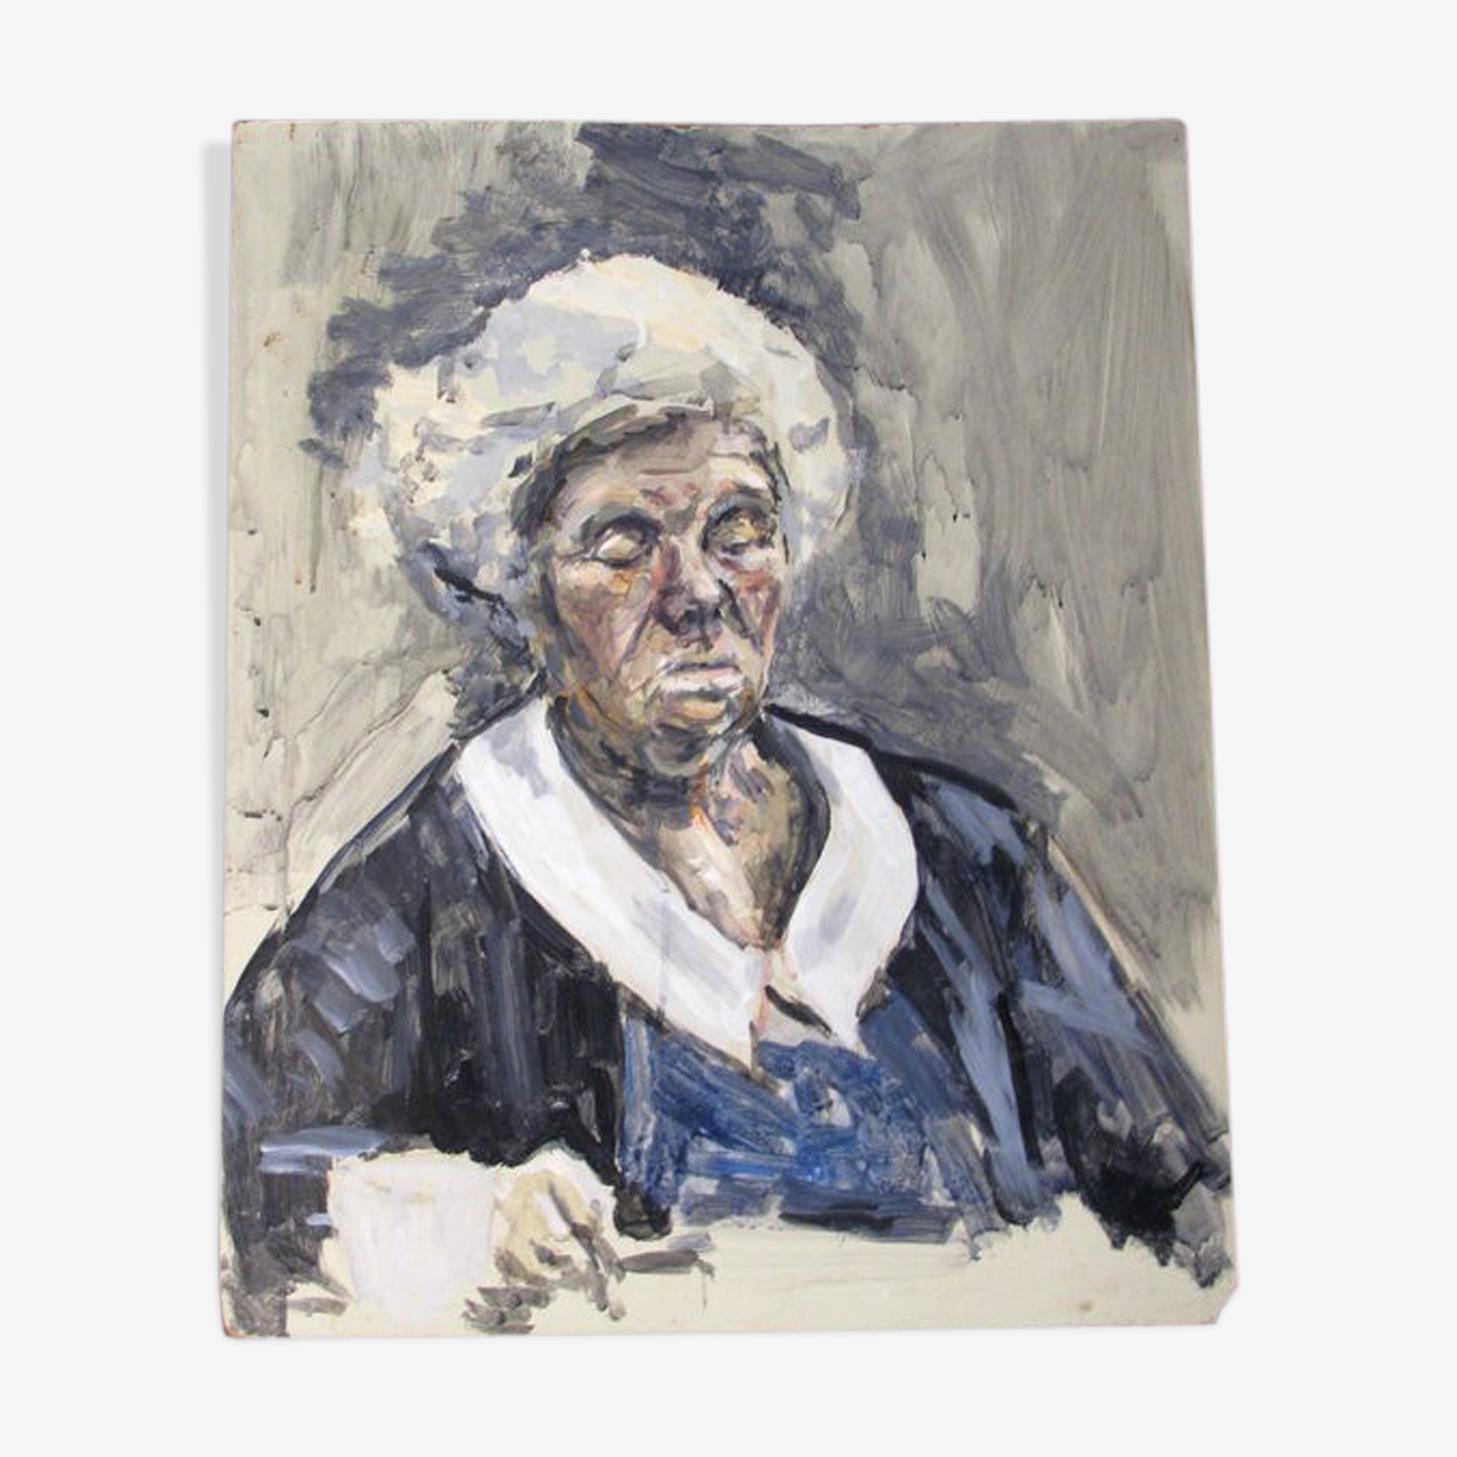 Portrait par Hazel Bruce Dunlop